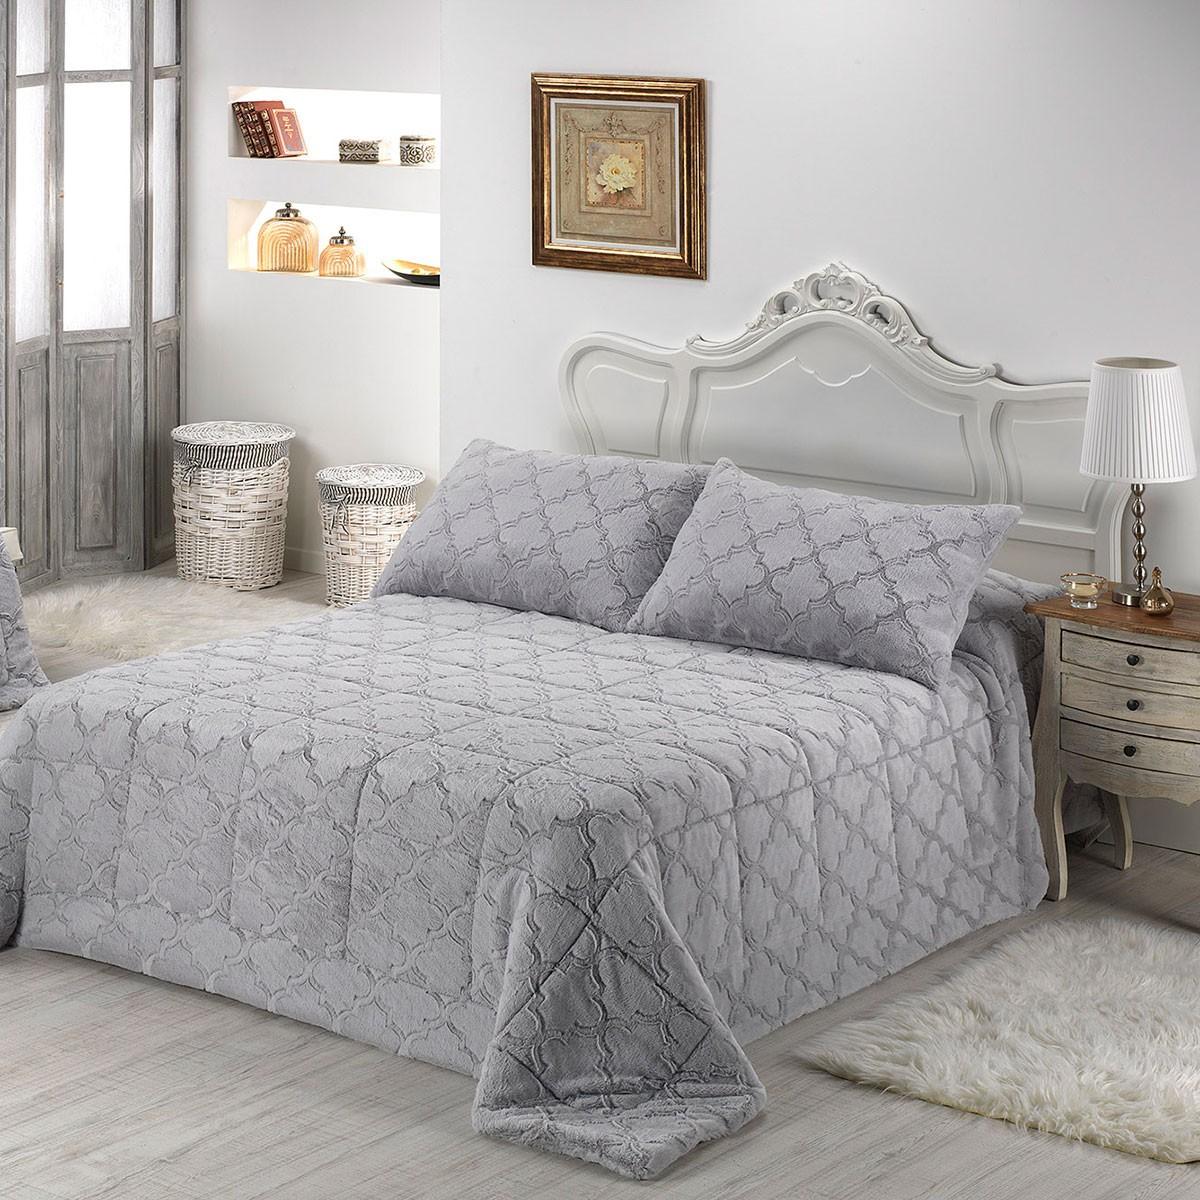 Κουβέρτα Γούνινη Υπέρδιπλη Morven Infinity B37/16 Grey home   κρεβατοκάμαρα   κουβέρτες   κουβέρτες γούνινες   μάλλινες